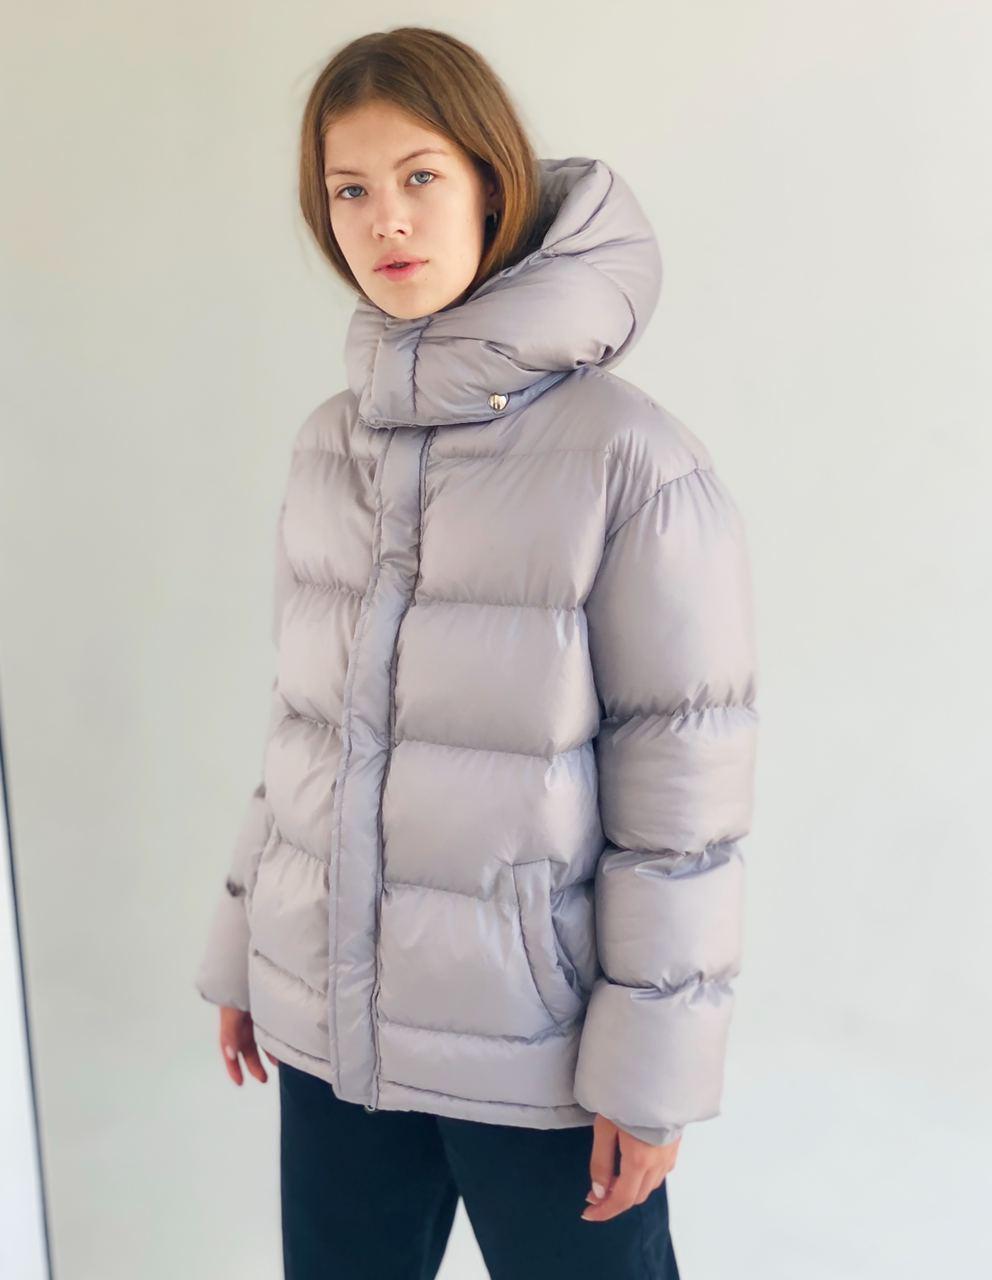 Очень легкая и очень теплая куртка женская на эко лебяжьем пуху